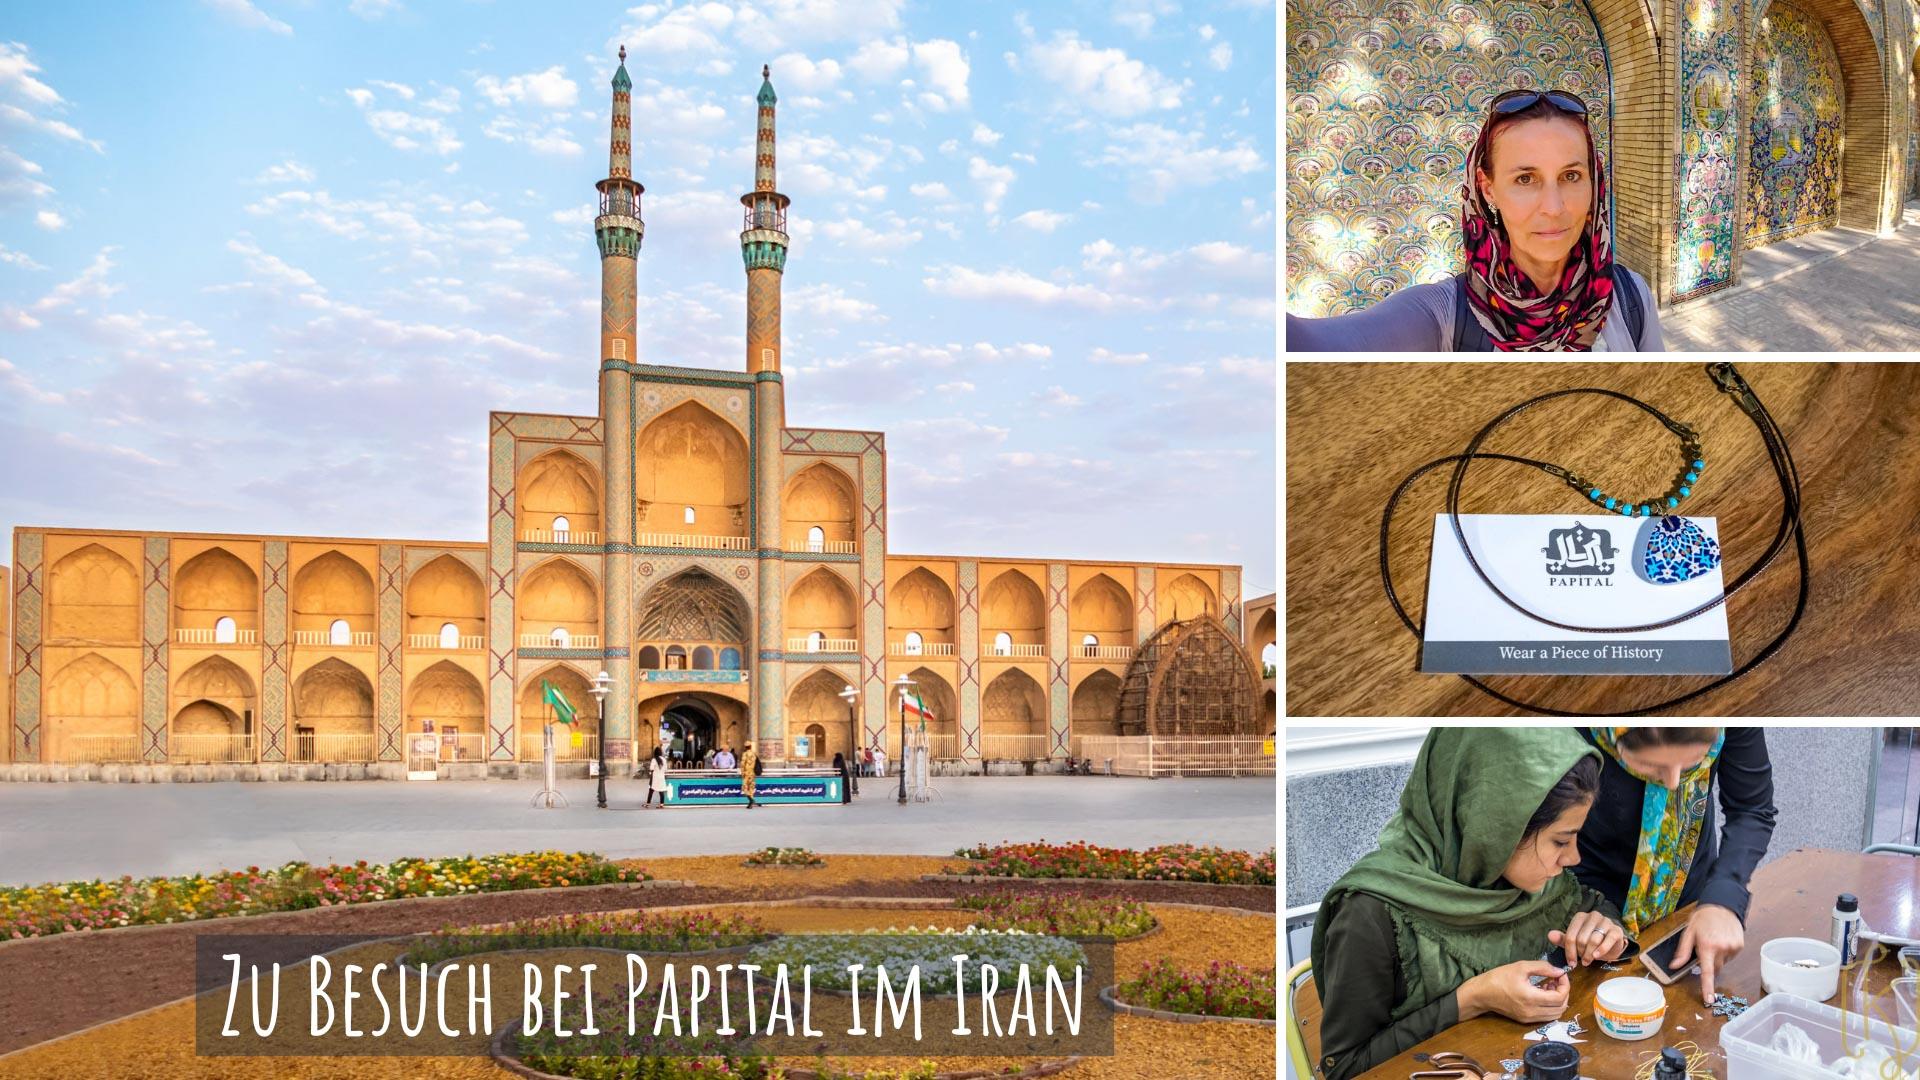 Zu Besuch bei Papital: Moderne Ornamentkunst und soziales Engagement im Iran